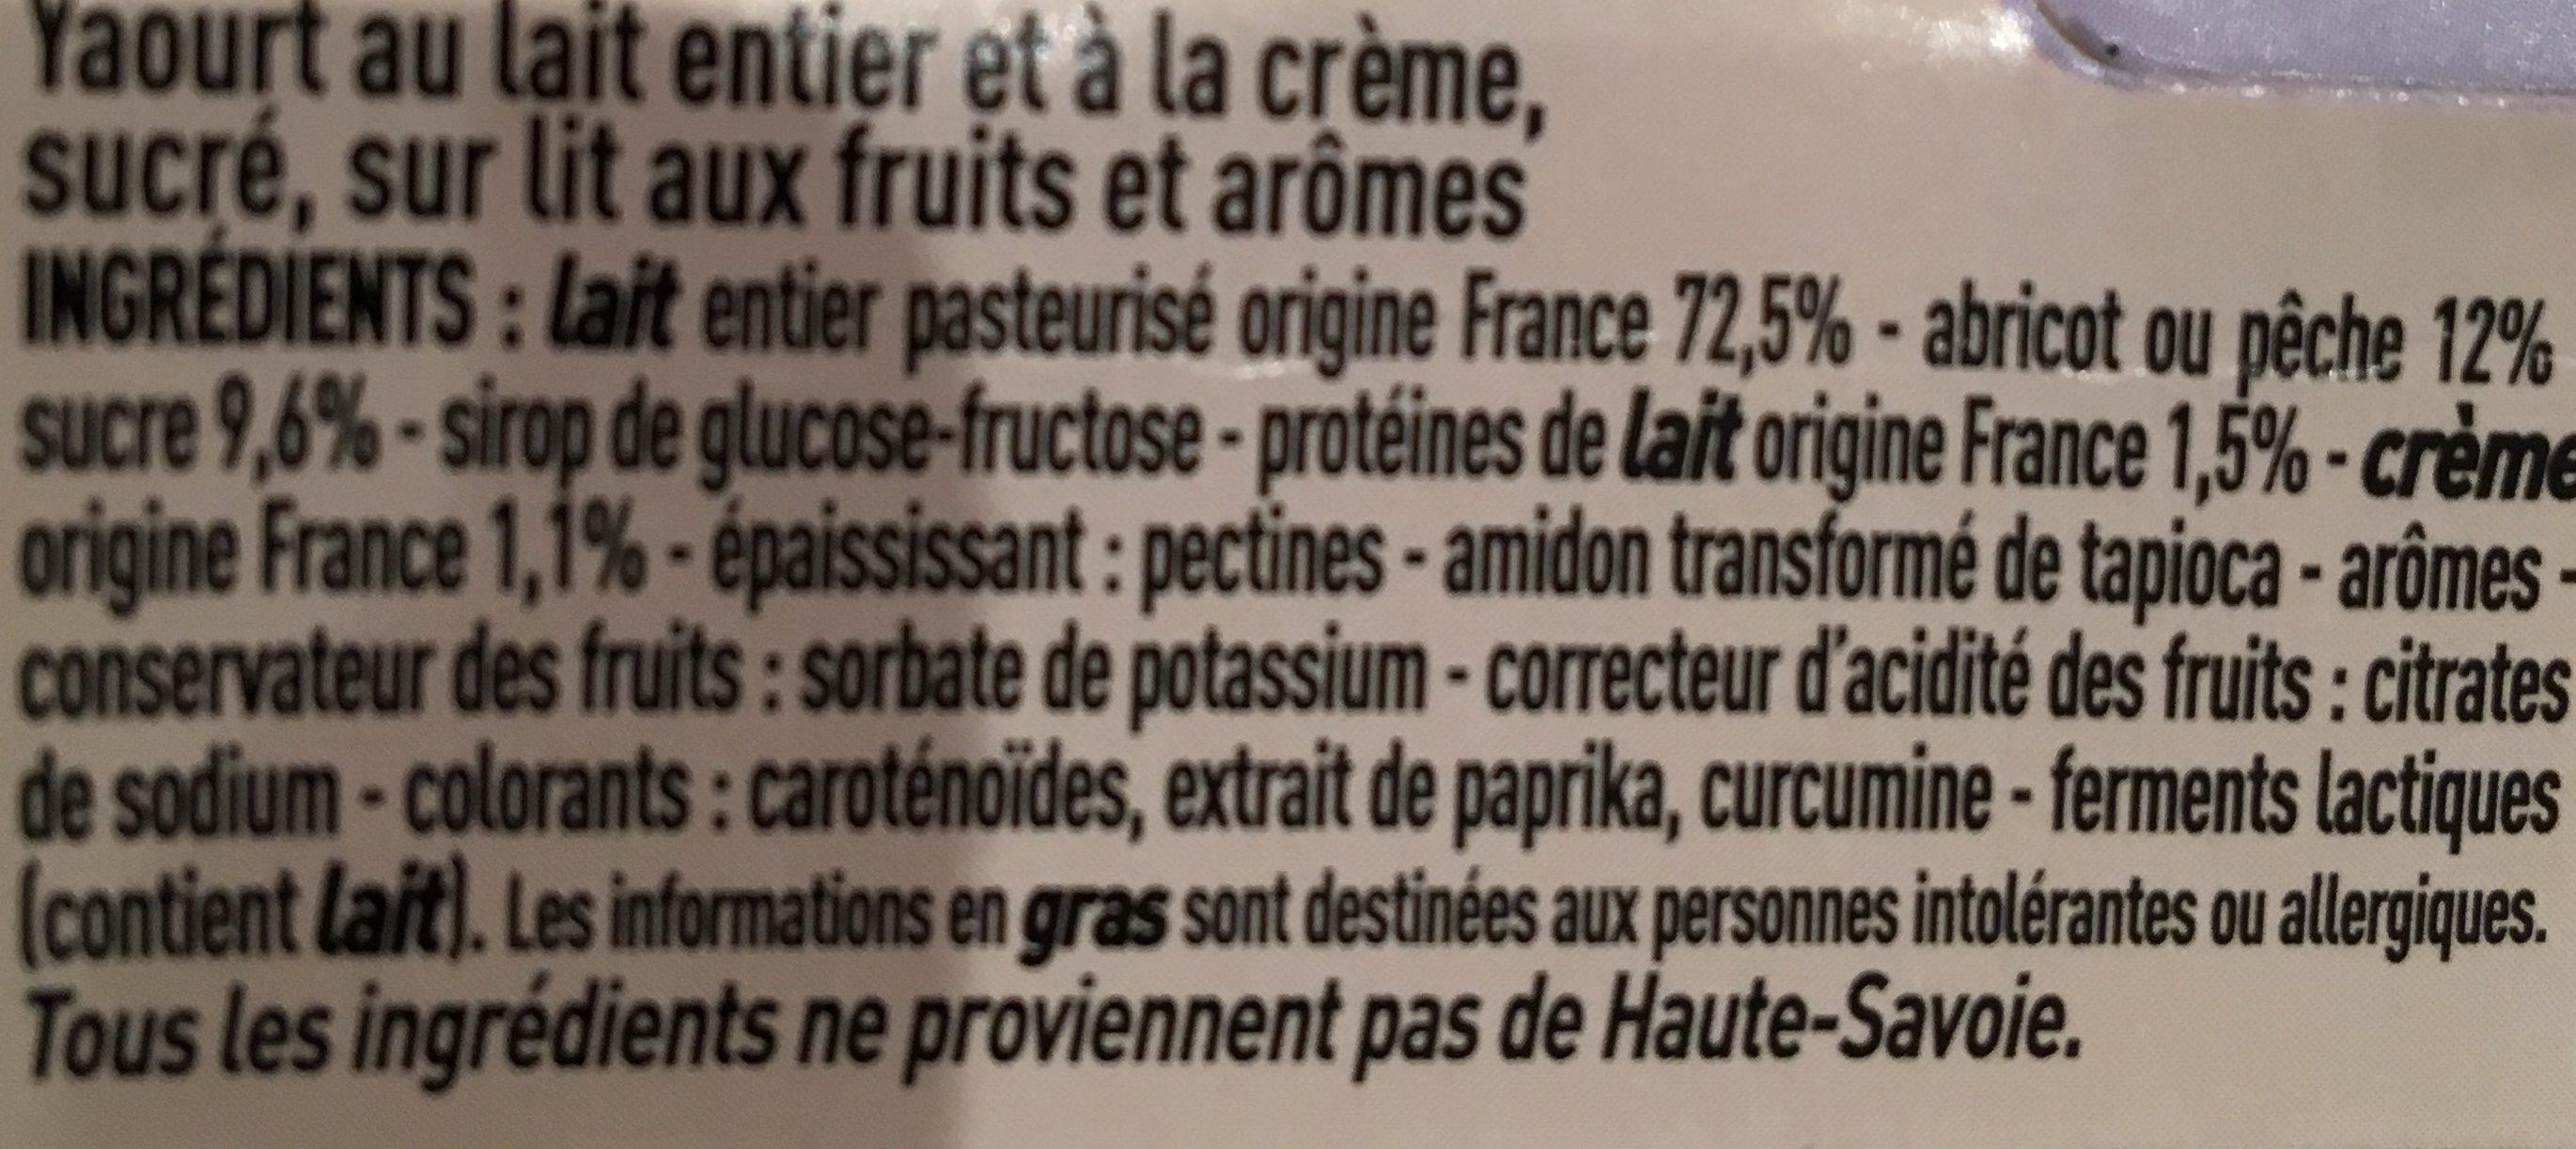 Yaourt au lait de Haute-Savoie - 2 pêche / 2 abricot - Ingrediënten - fr